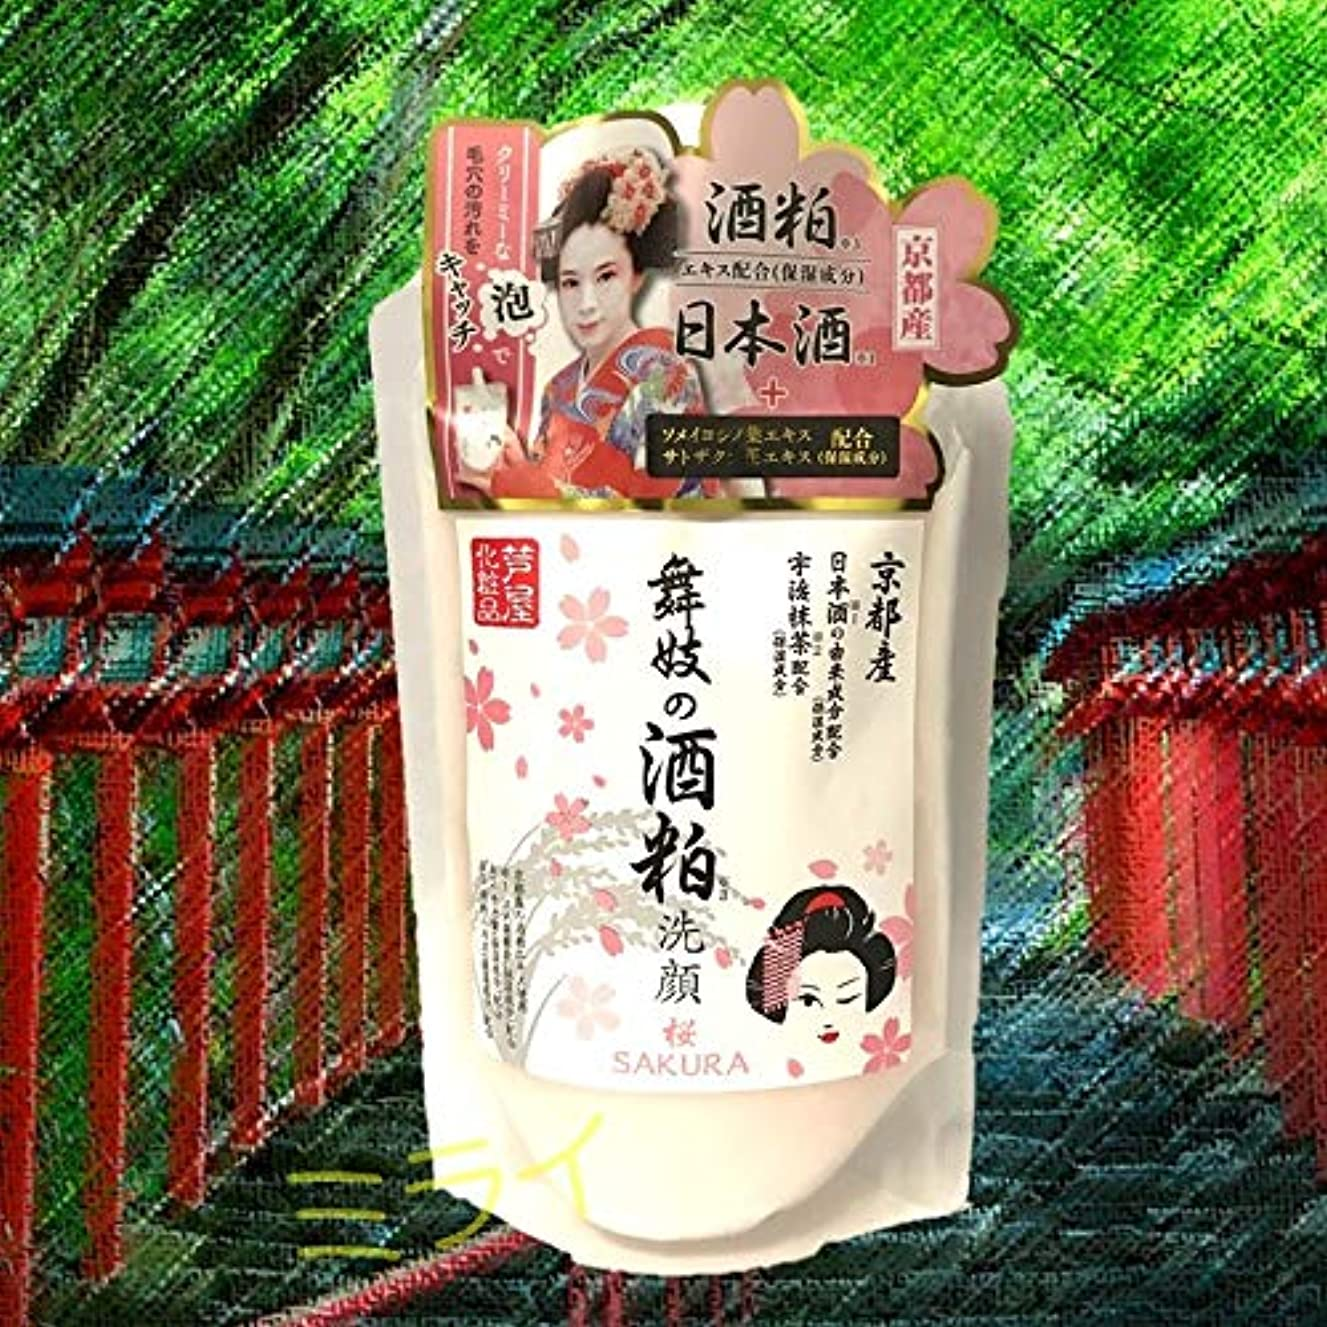 くちばし鉄調和芦屋化粧品 舞妓の酒粕洗顔 桜 170g